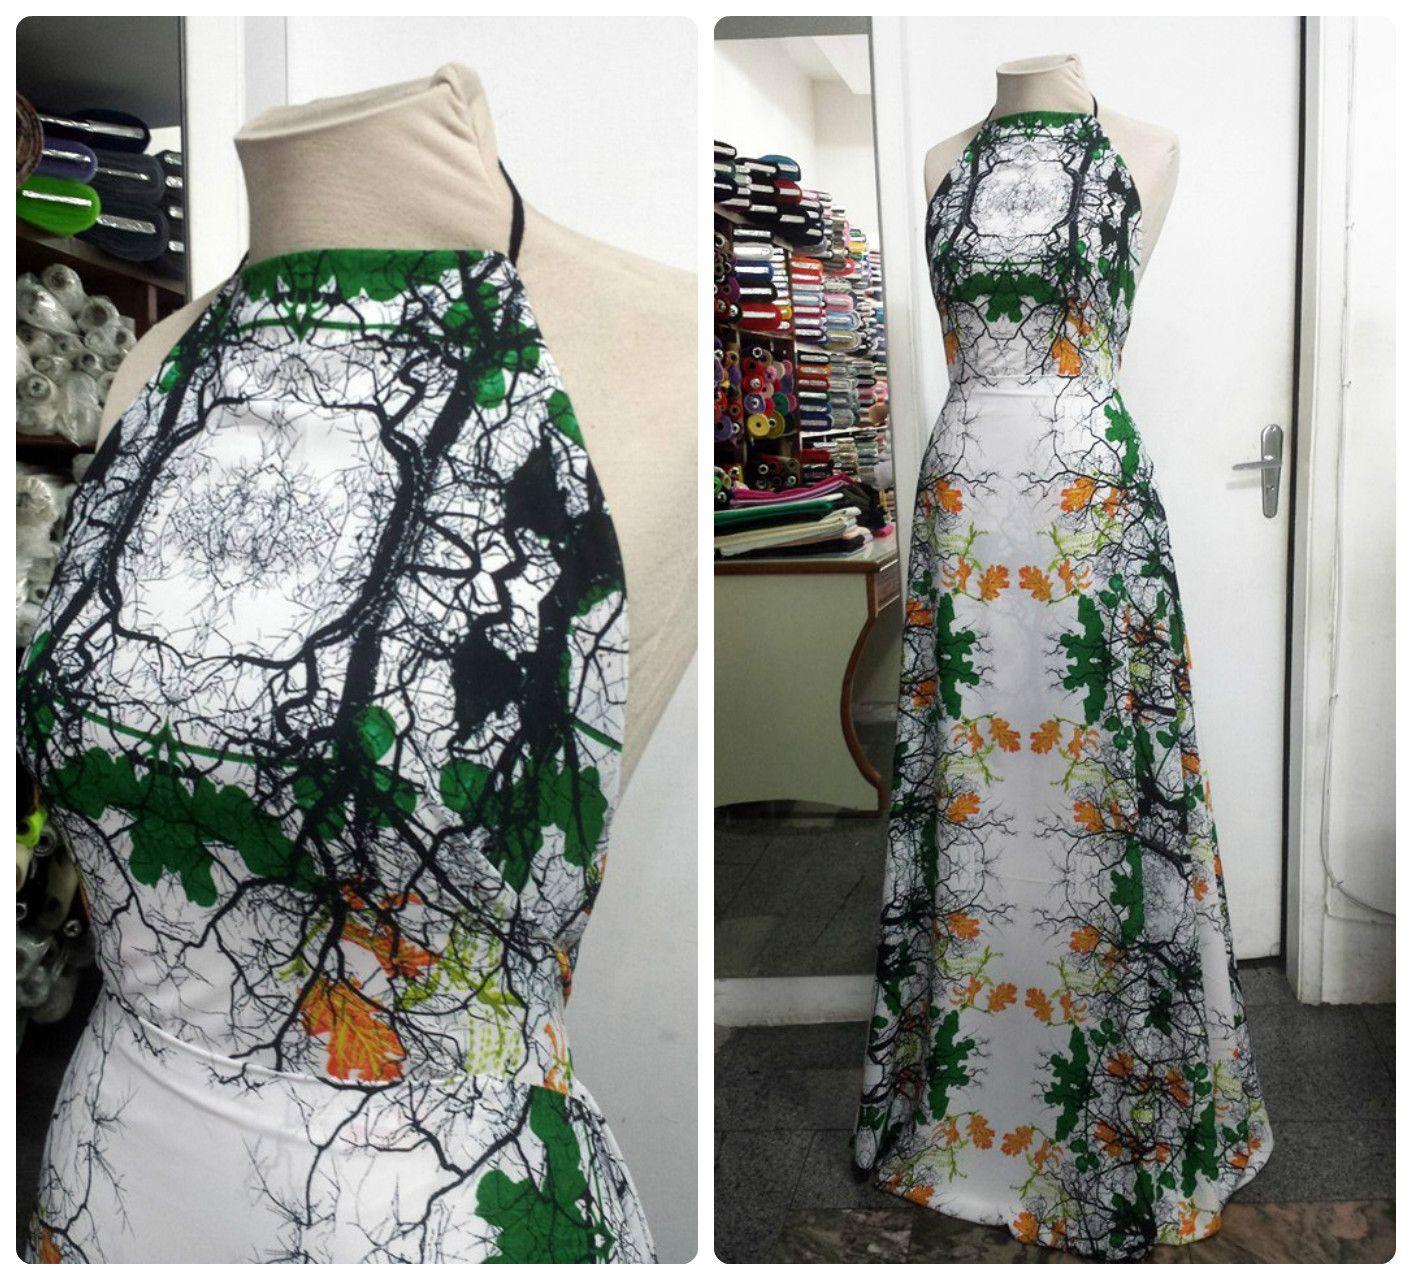 9b36952ab Vestido de crepe chanel, com frente única e a saia cortada no viés. #vestido  #dress #vies #crepe